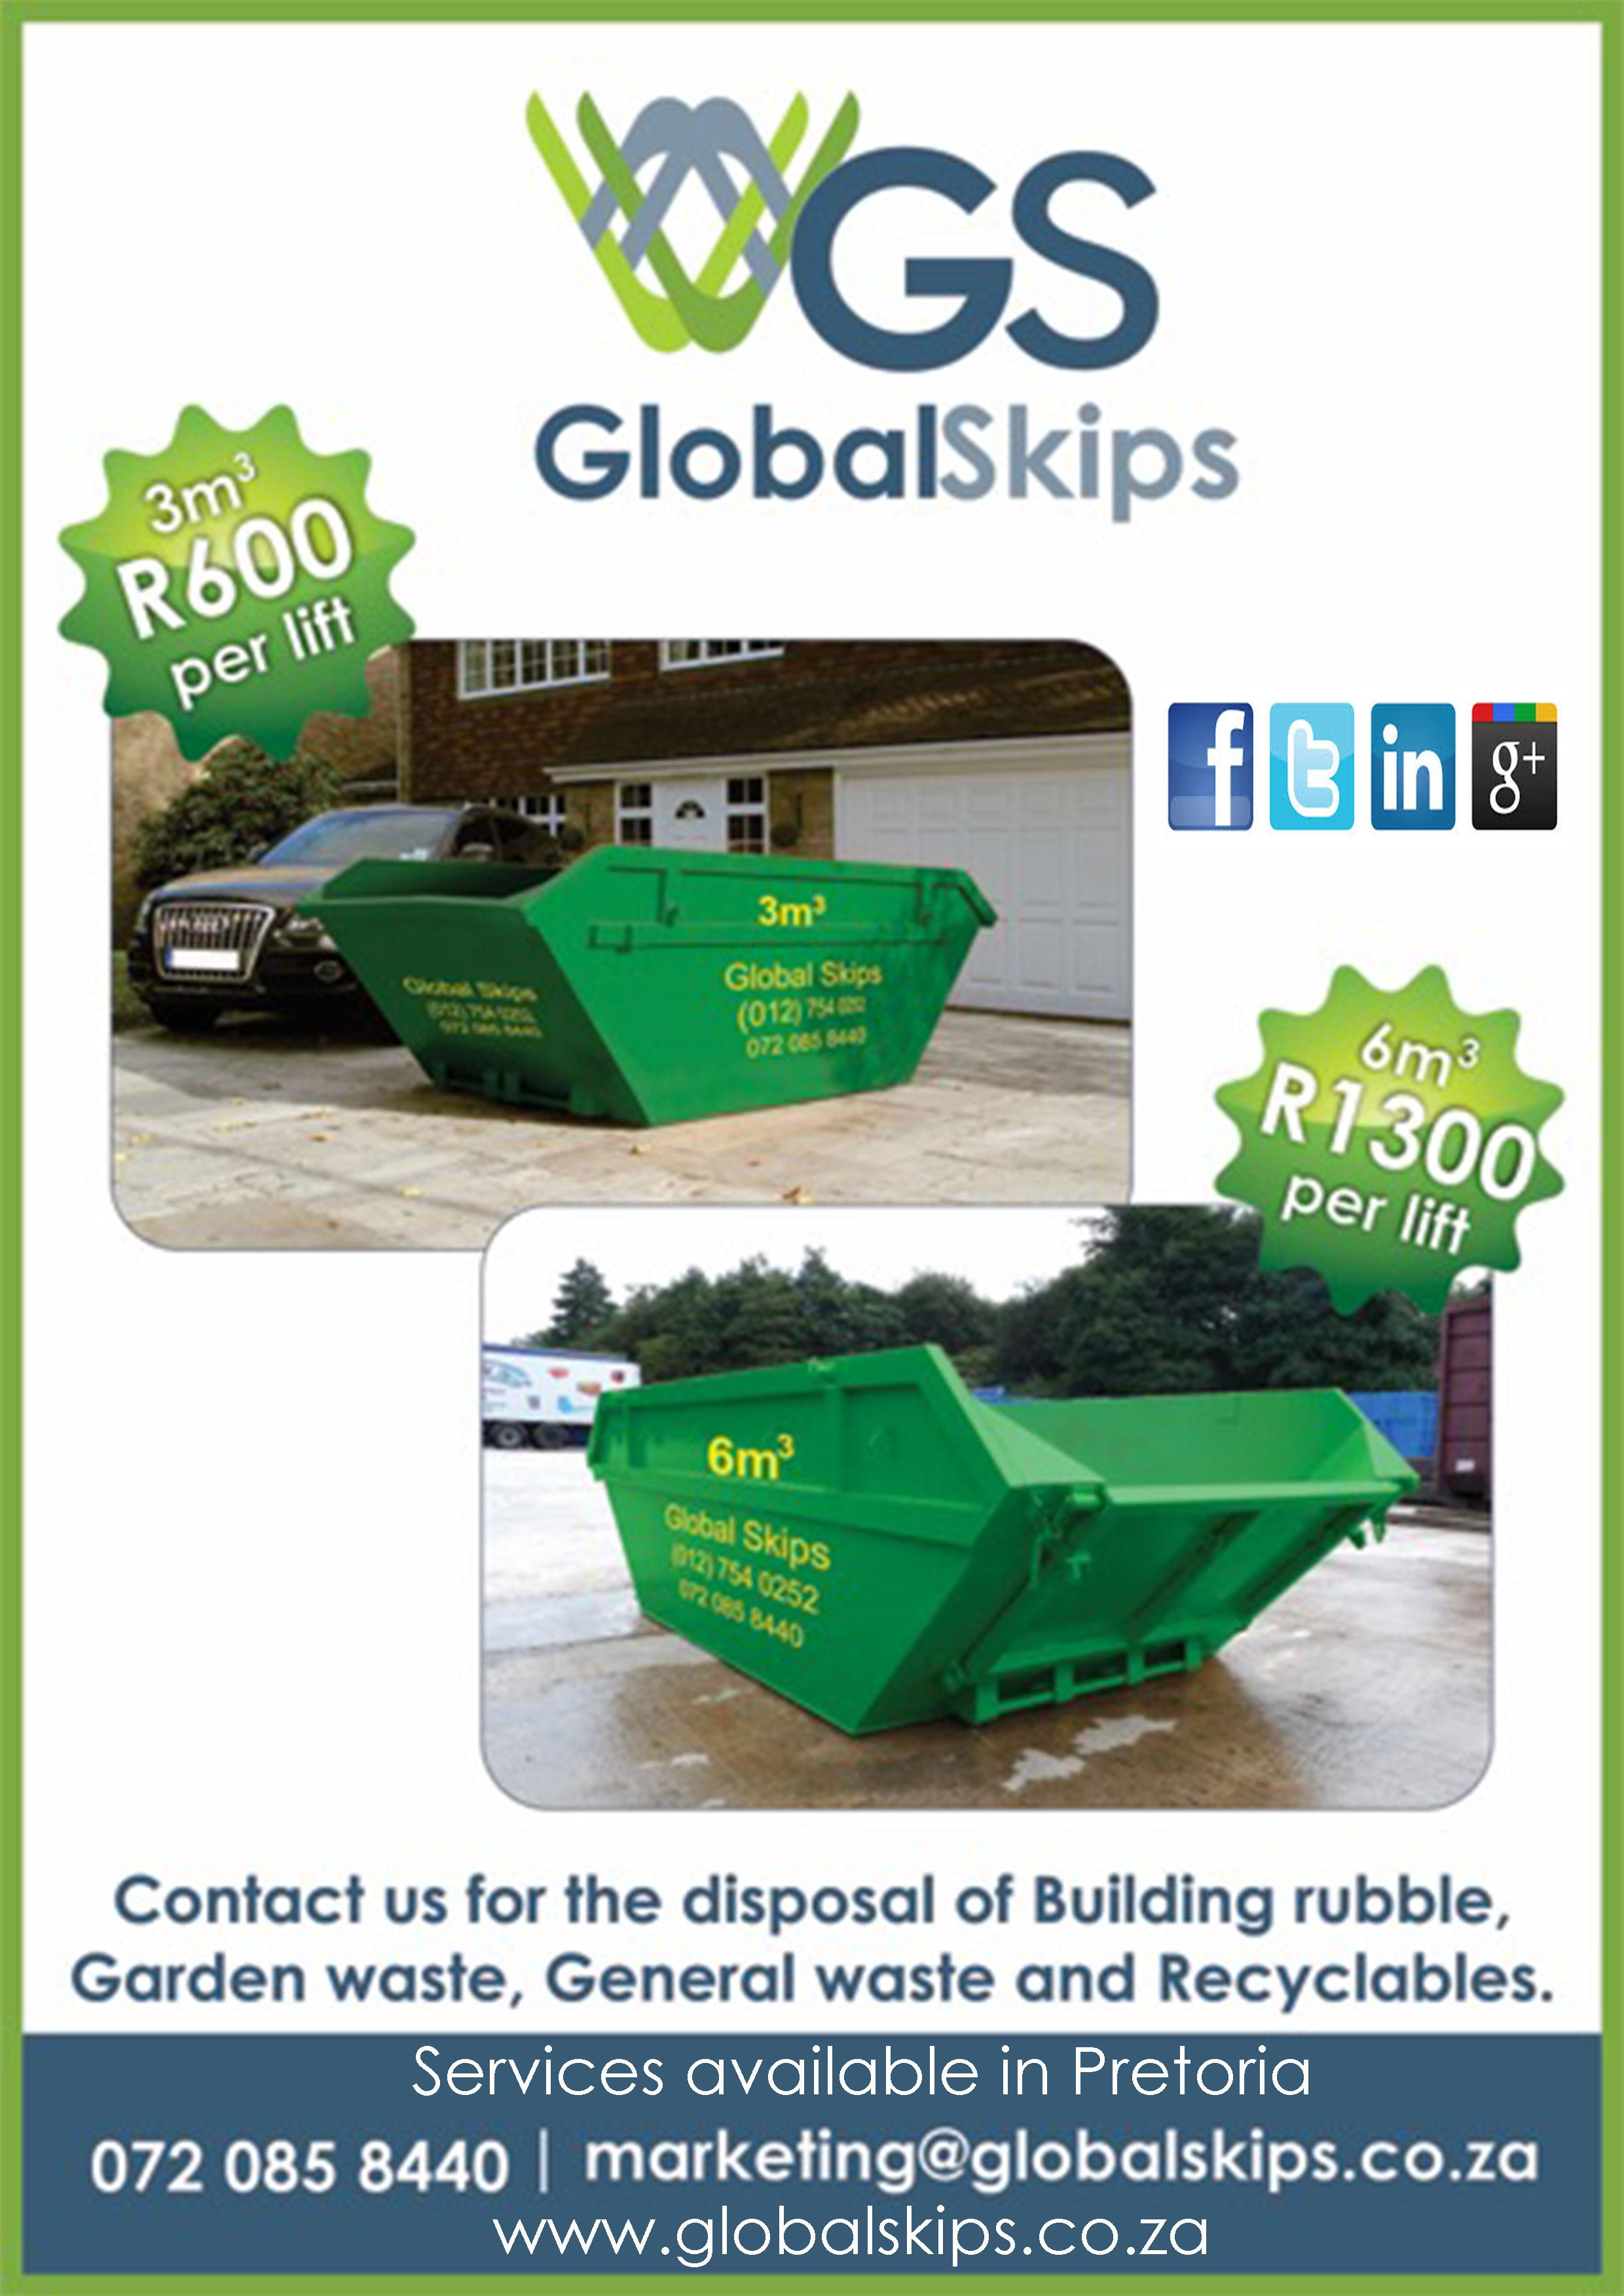 Global Skips